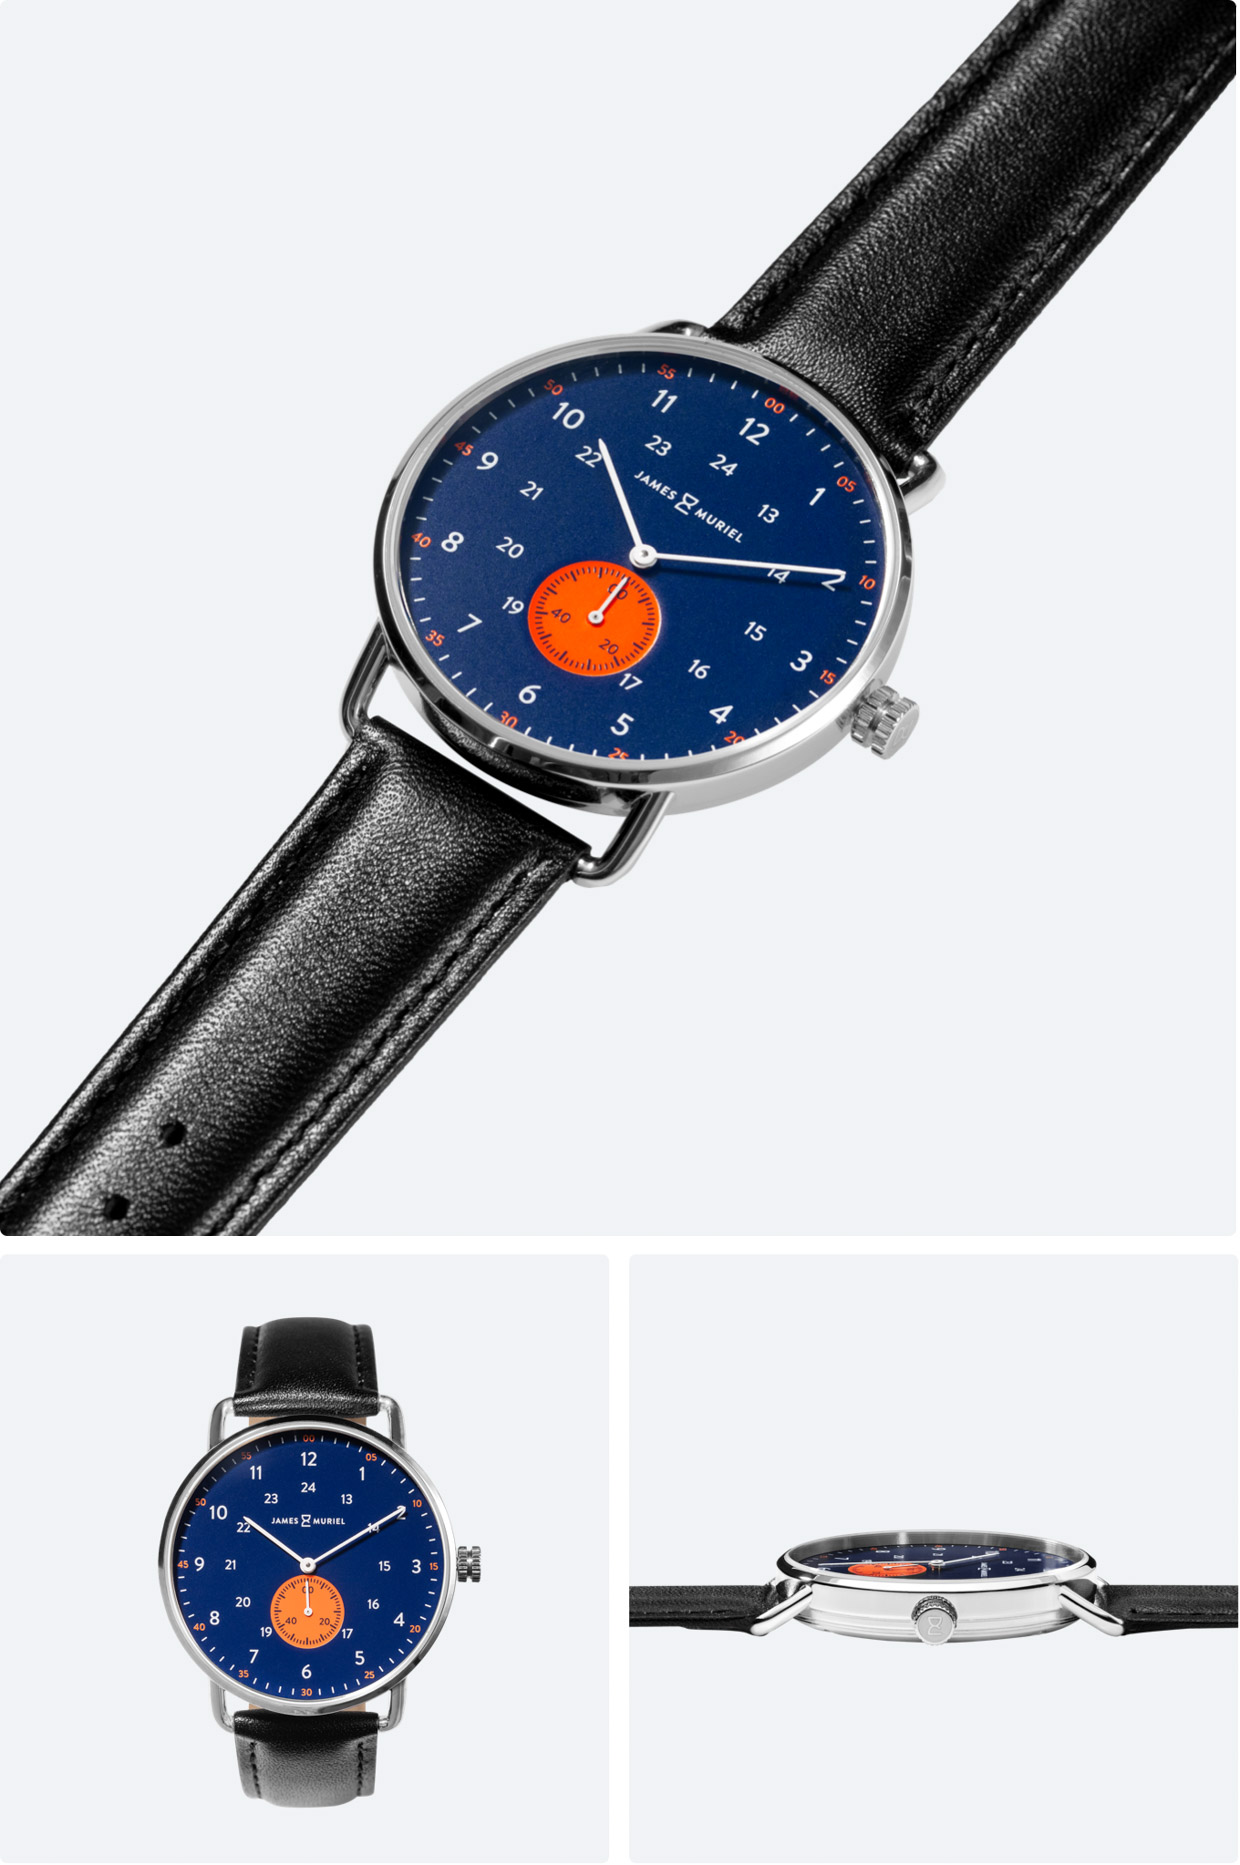 Timekeeper Watch